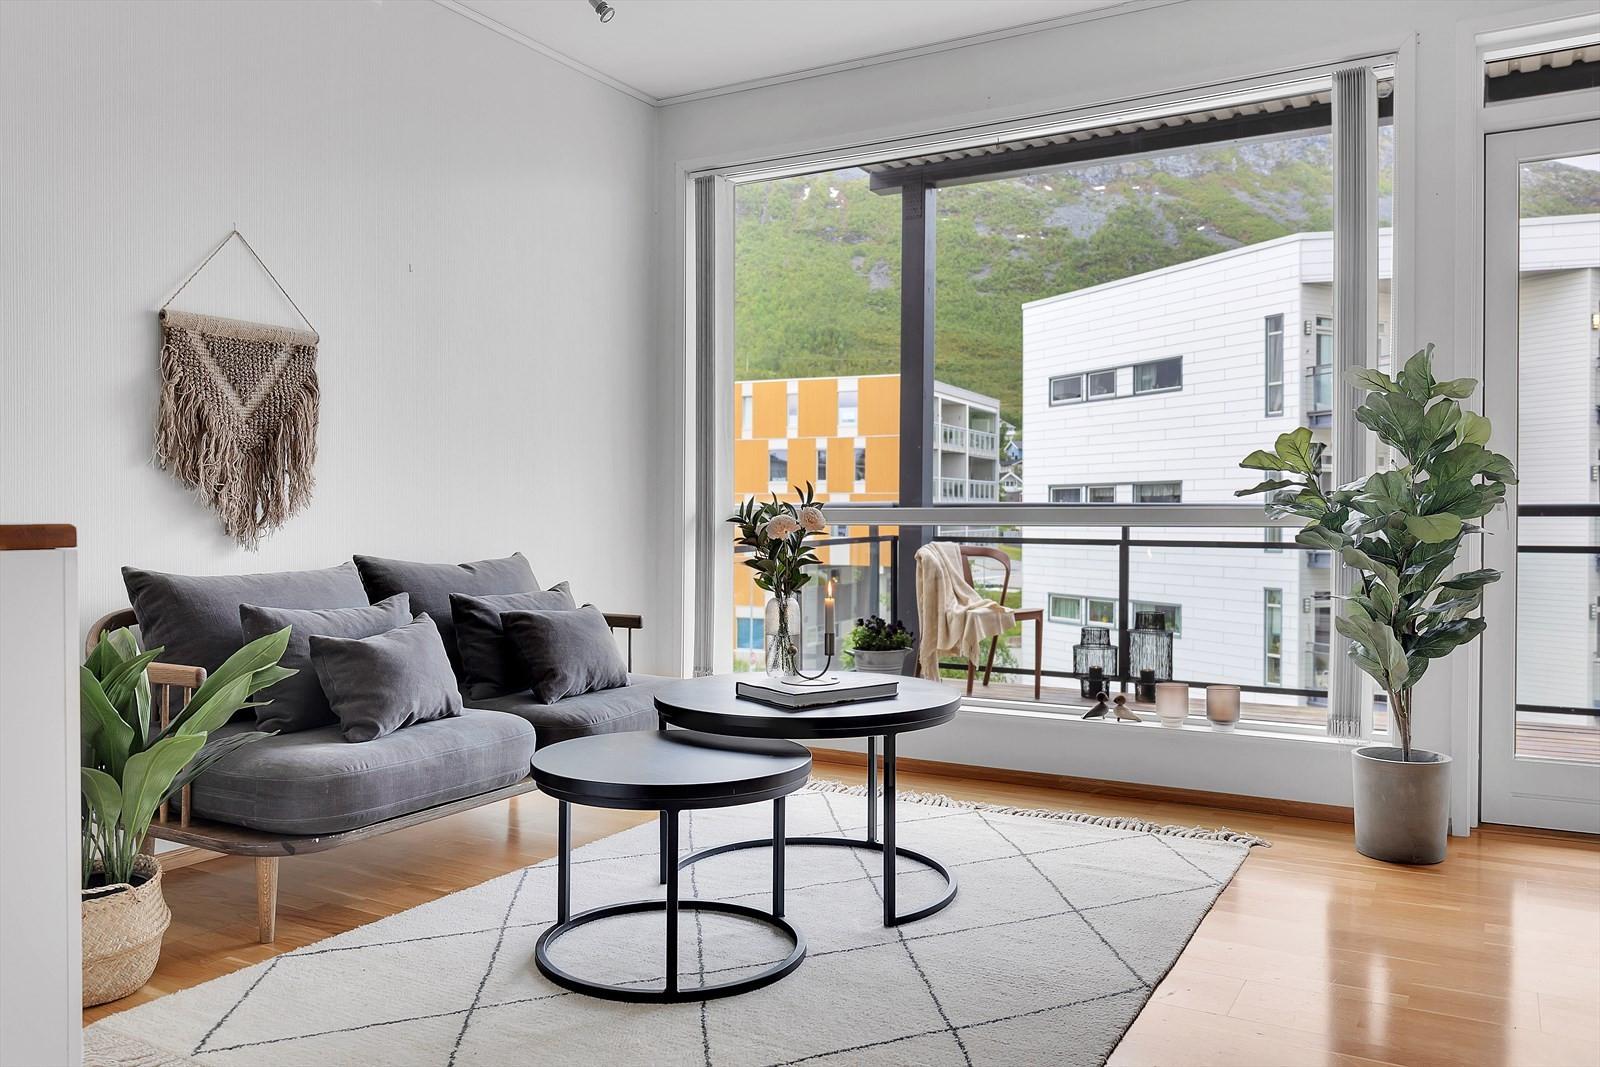 Meget innbydende stue med store vindusflater som gir gode lysforhold.